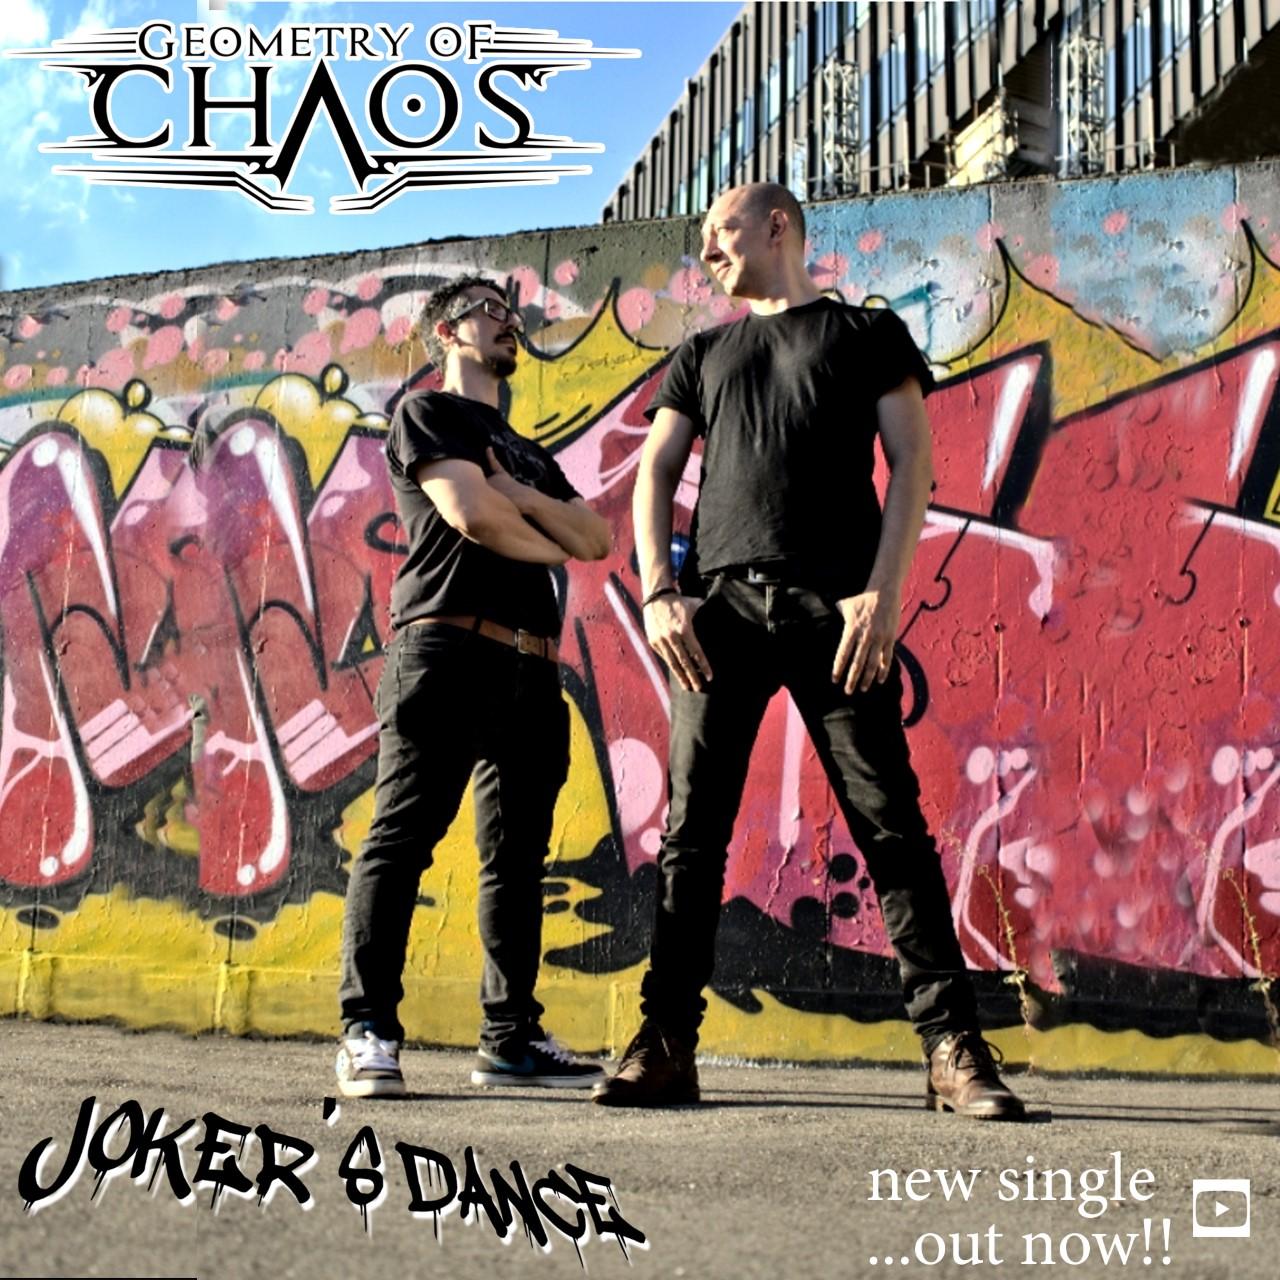 thumbnail_JOKER'S DANCE - PROMO BANNER